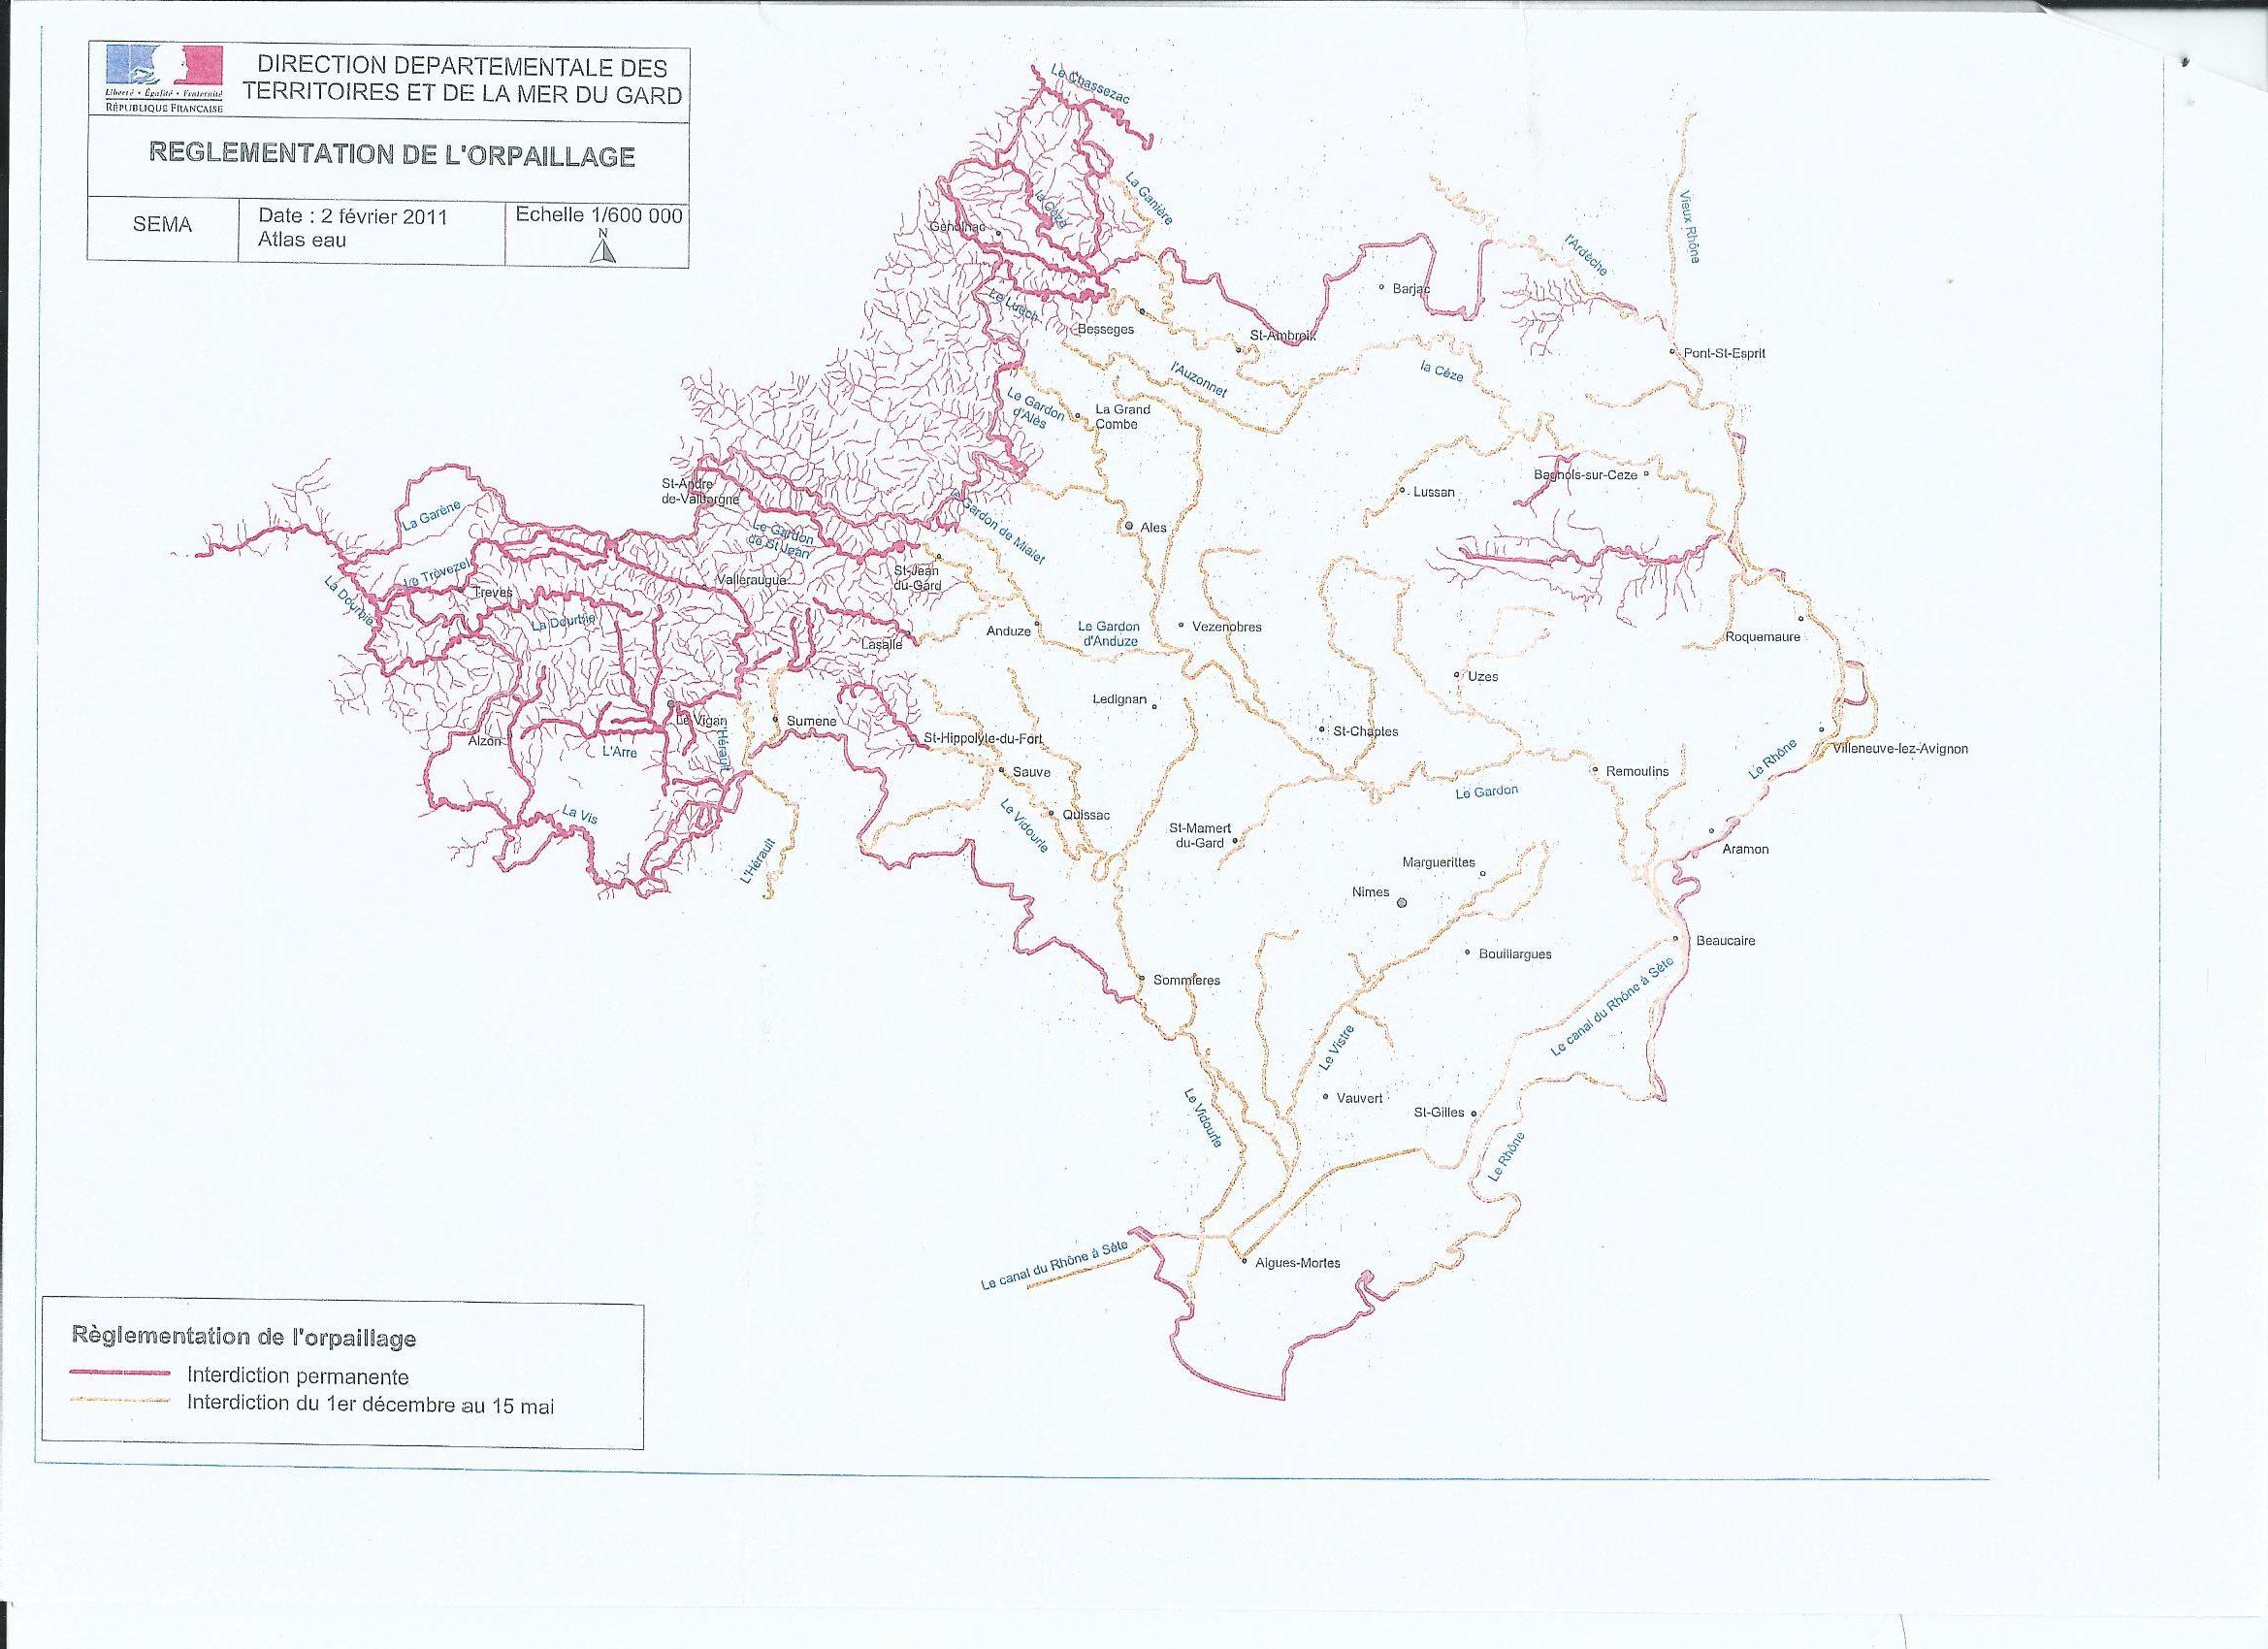 liste des rivières ou l'orpaillage est possible dans le Gard